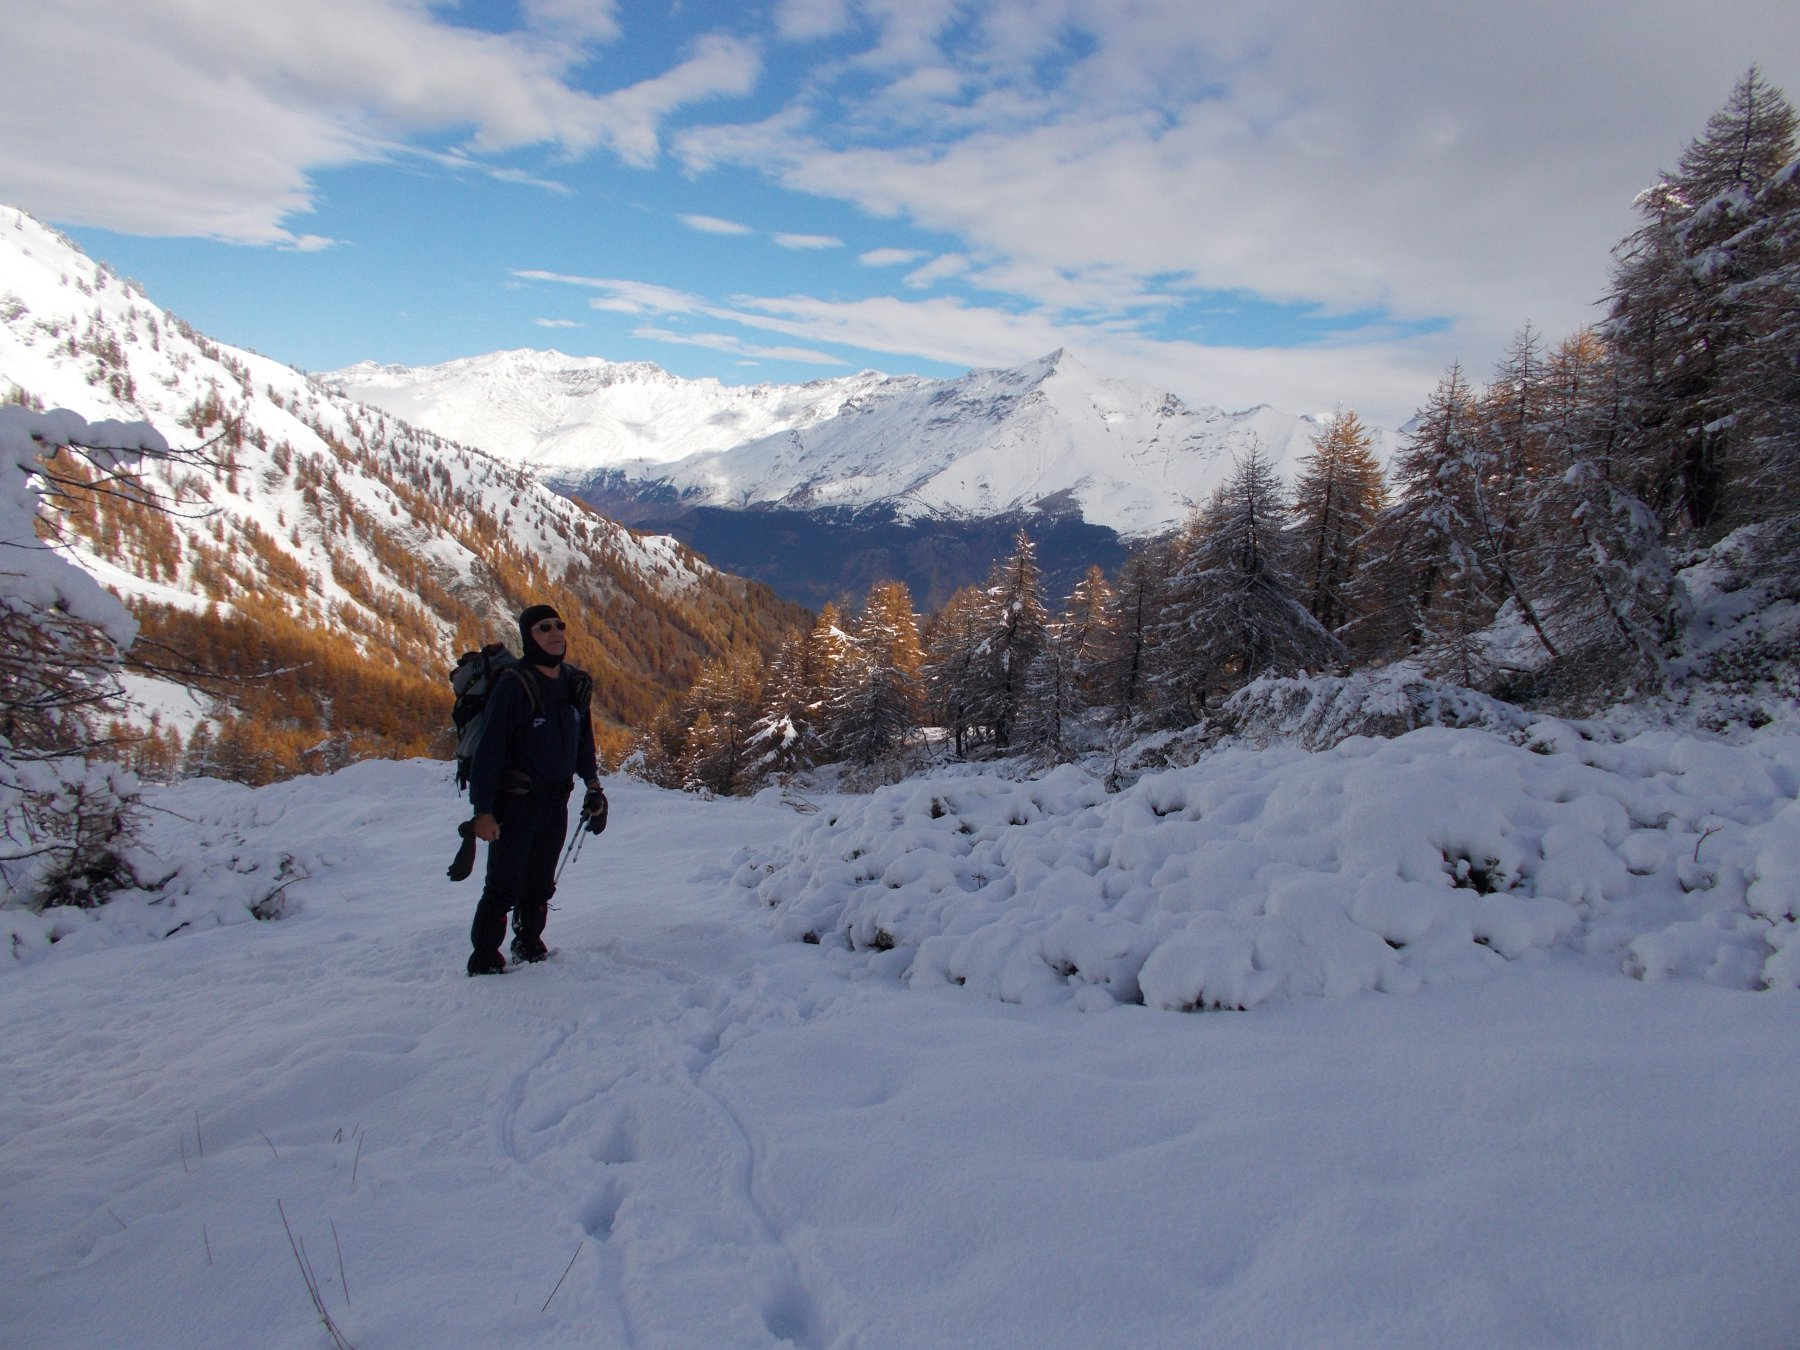 il Roccia da sfonto a un ormai tipico ambiente invernale dai 2000m in su..